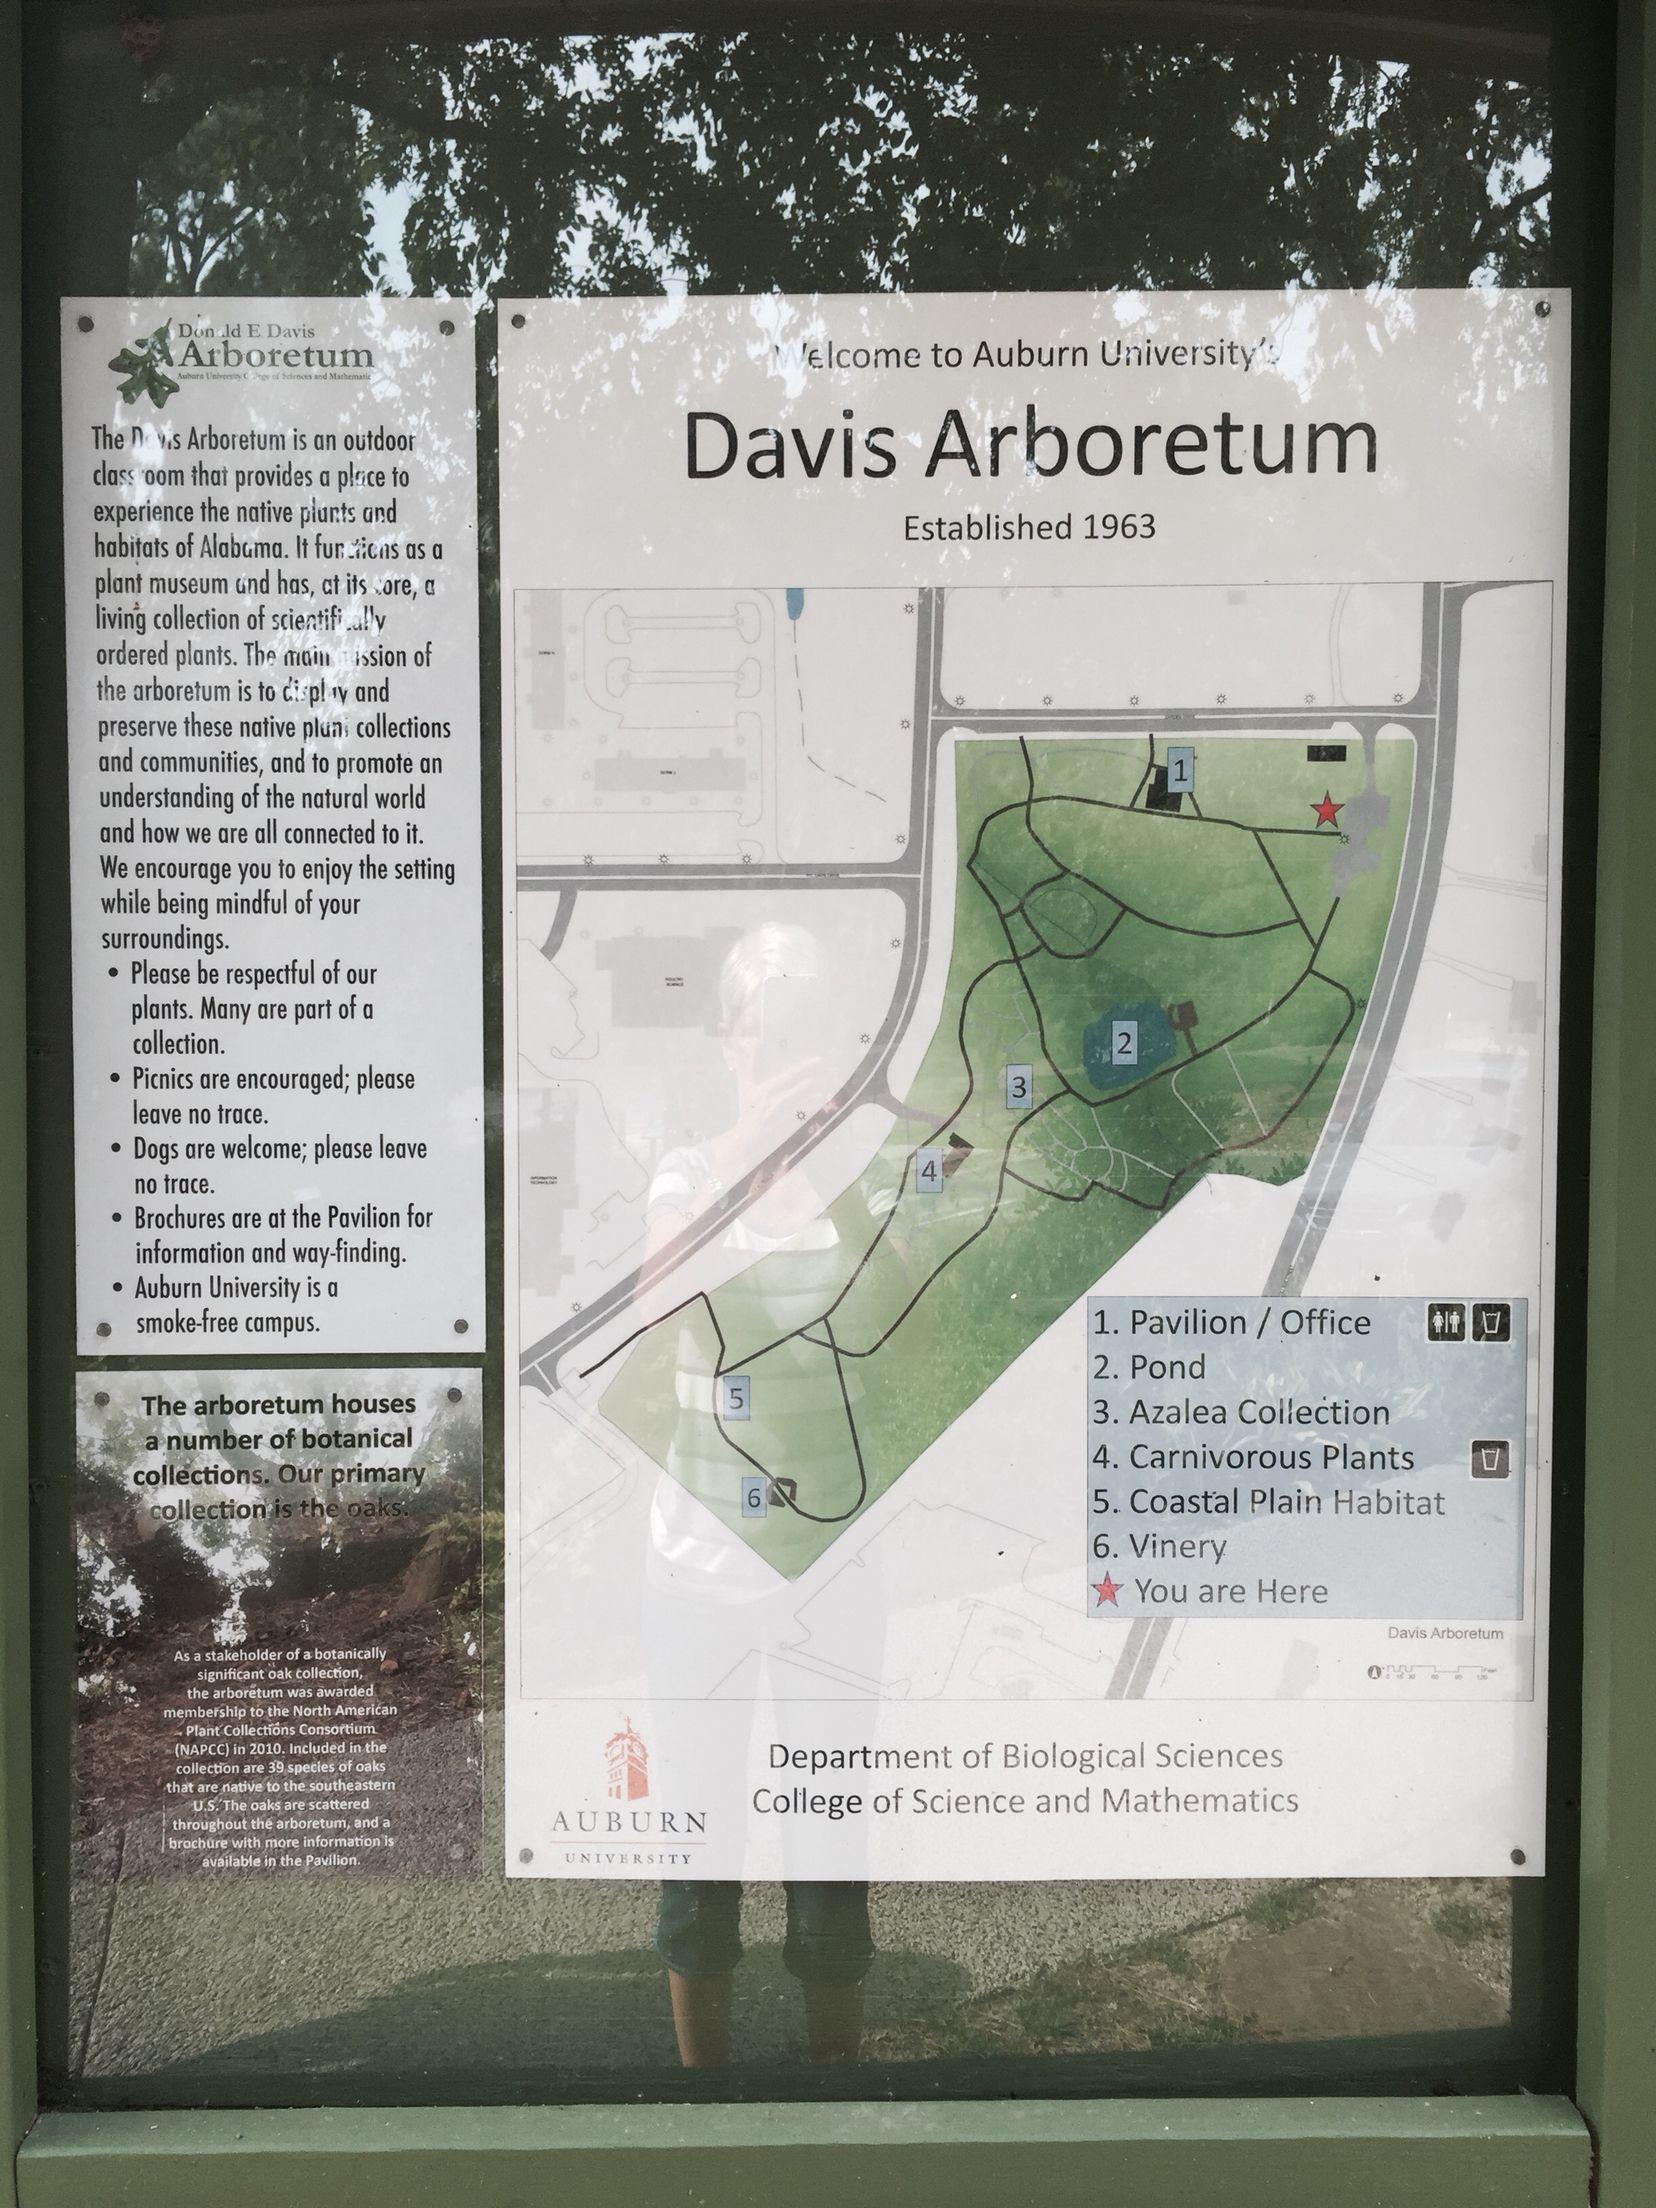 on davis arboretum map